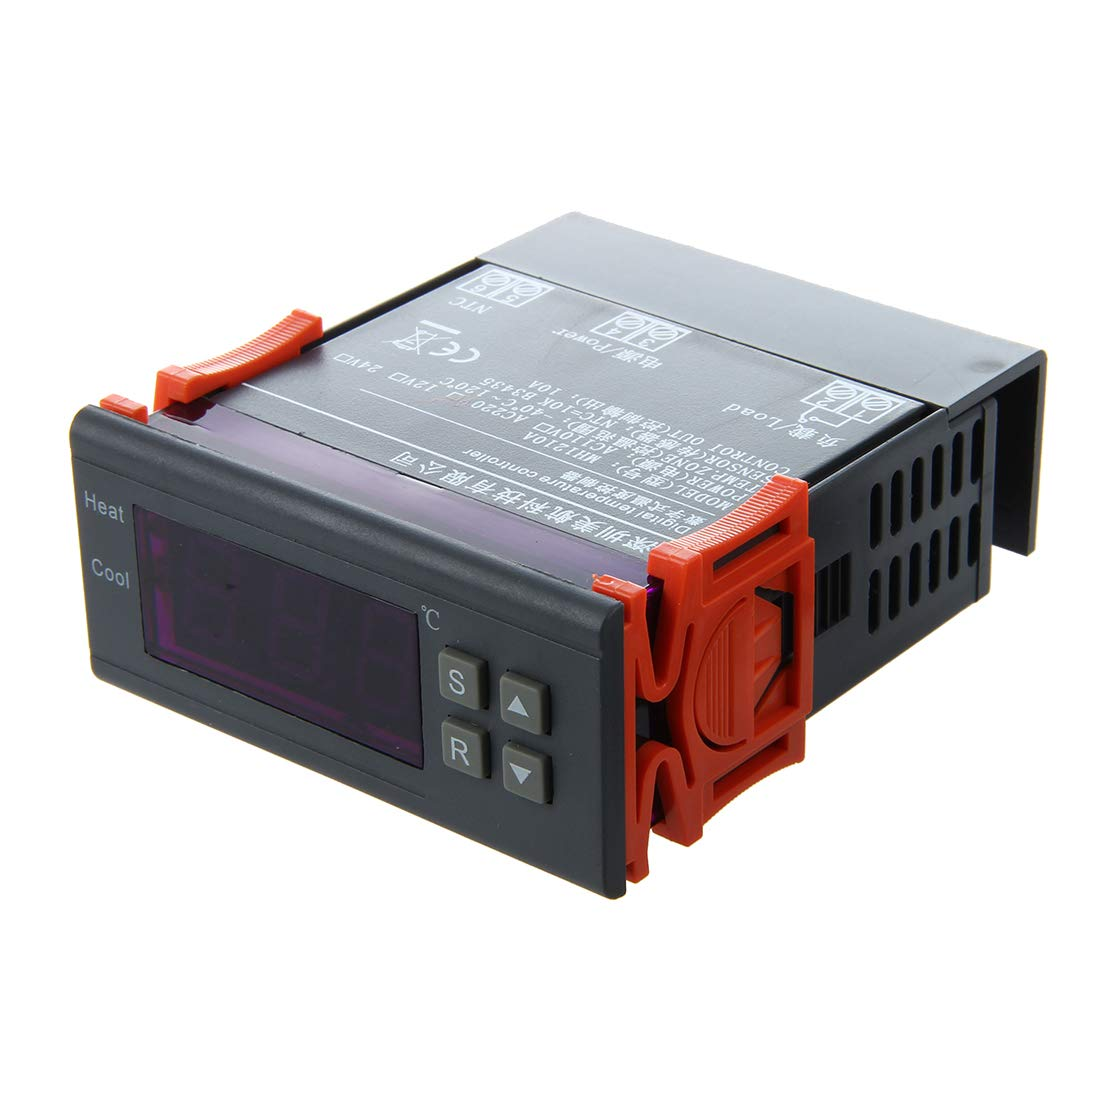 TOOGOO (R) Termopar Controlador de Temperatura Digital 200-240V ...